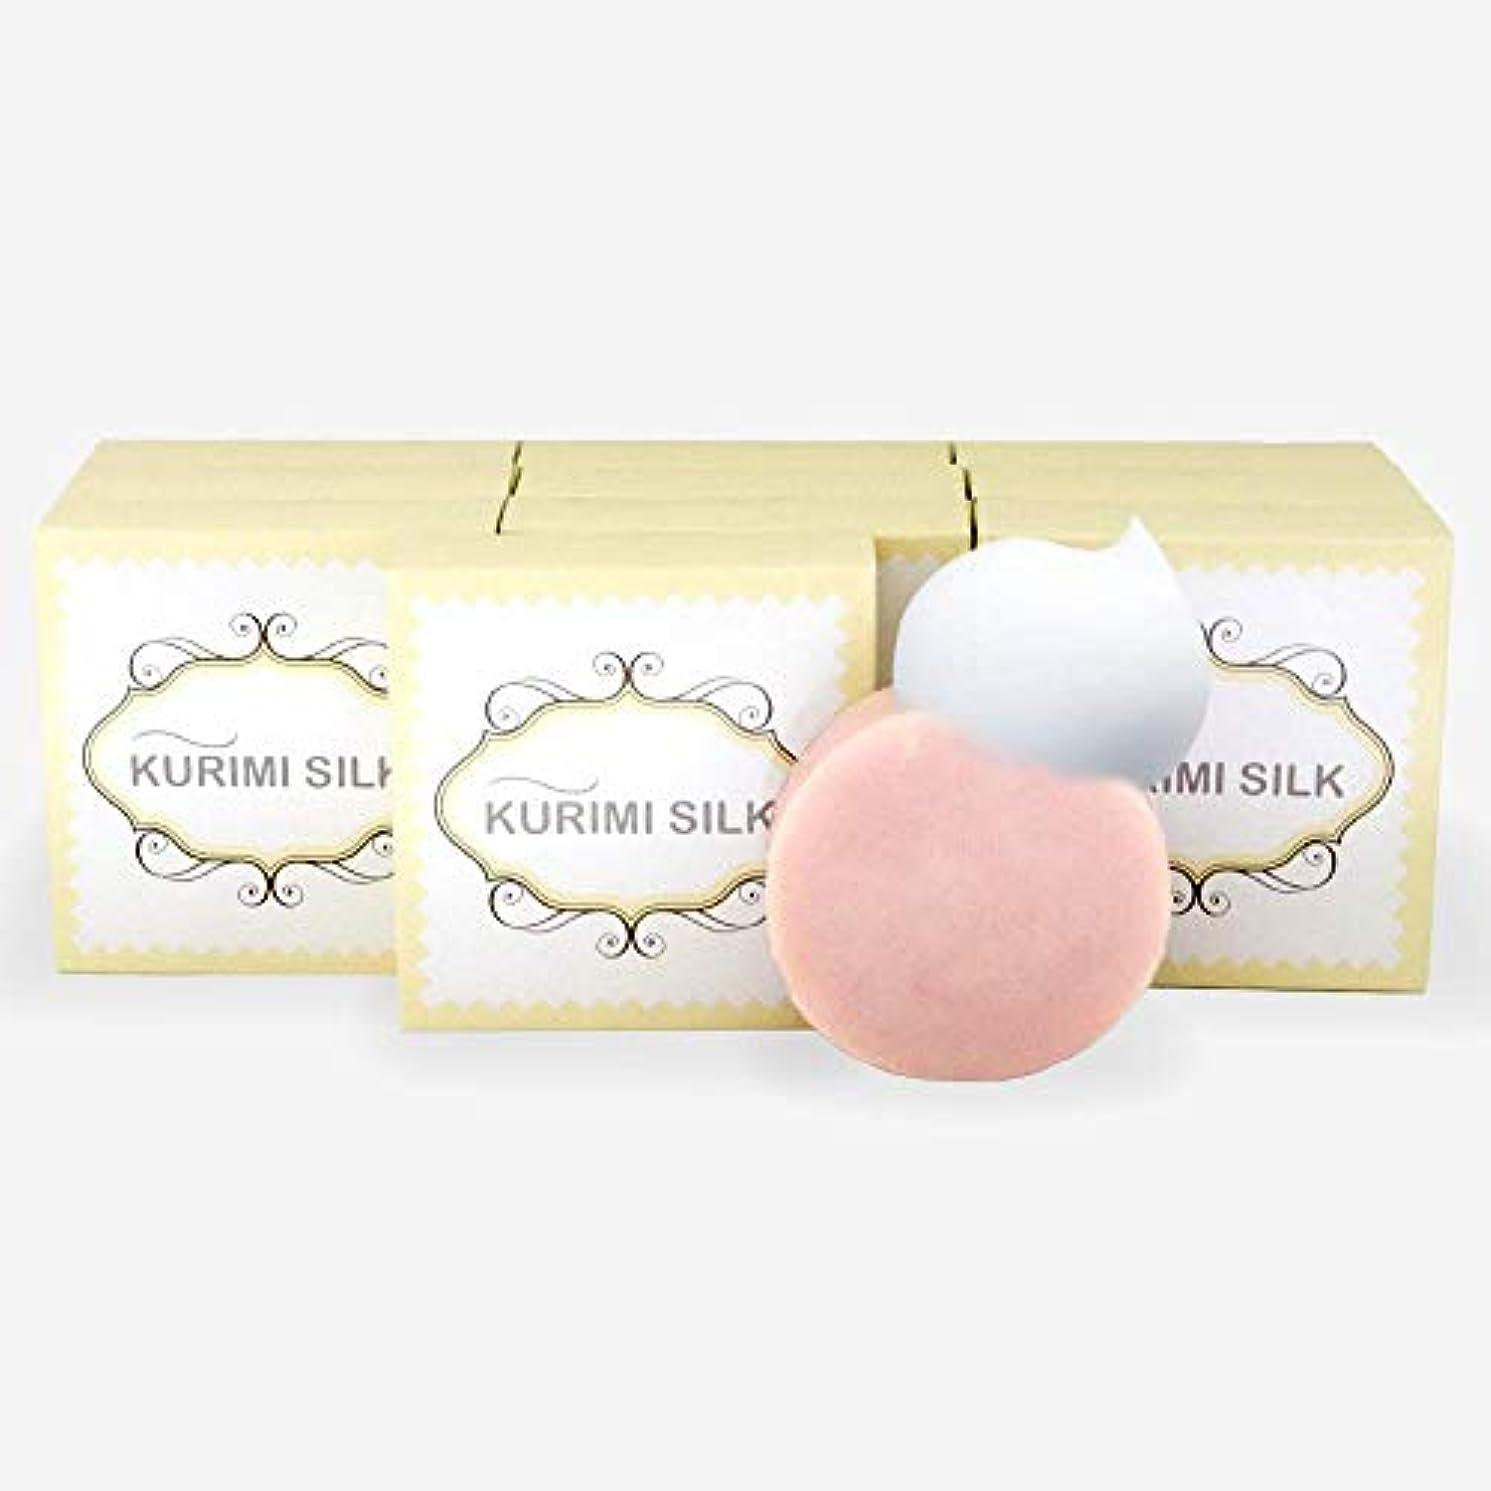 ヒップ 背中 ニキビ 角質 美白 保湿 体臭 ケア KURIMI SILK [ クリミシルク ] デオドラント 高級化粧石鹸/枠練り石鹸 80g(10個)